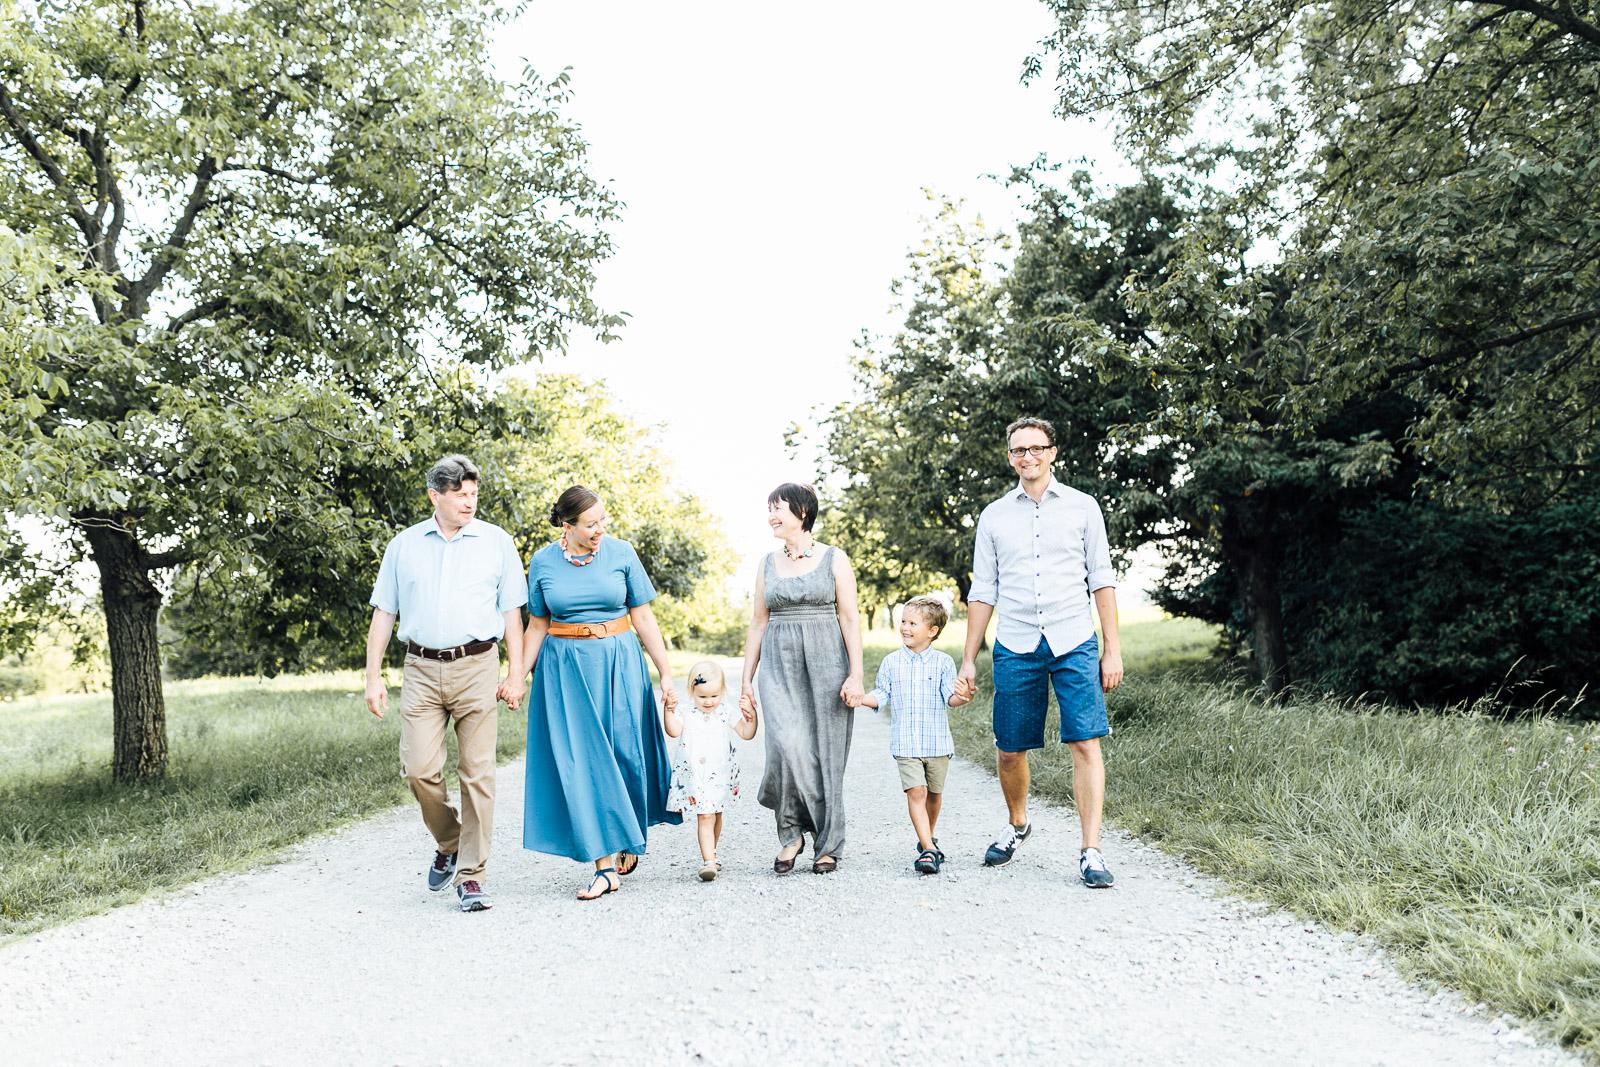 Familysession im Grünen